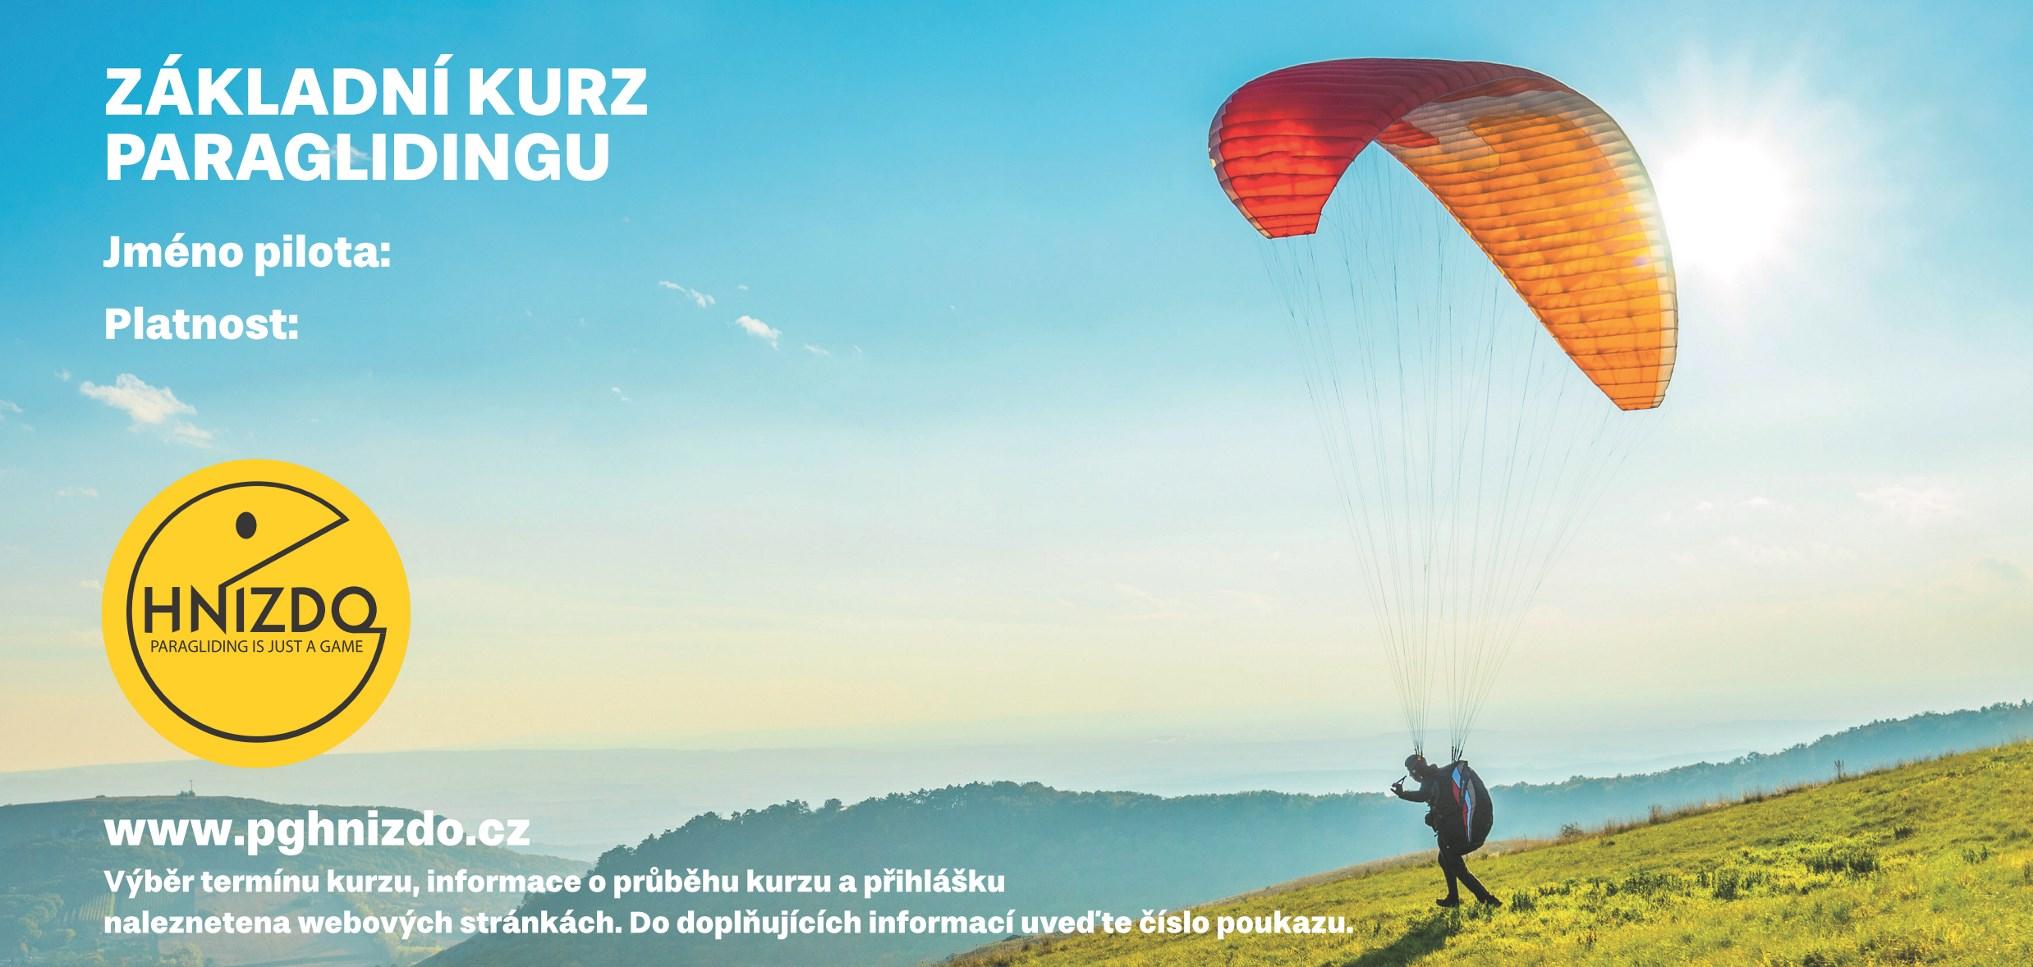 Základní kurz paraglidingu – poukaz